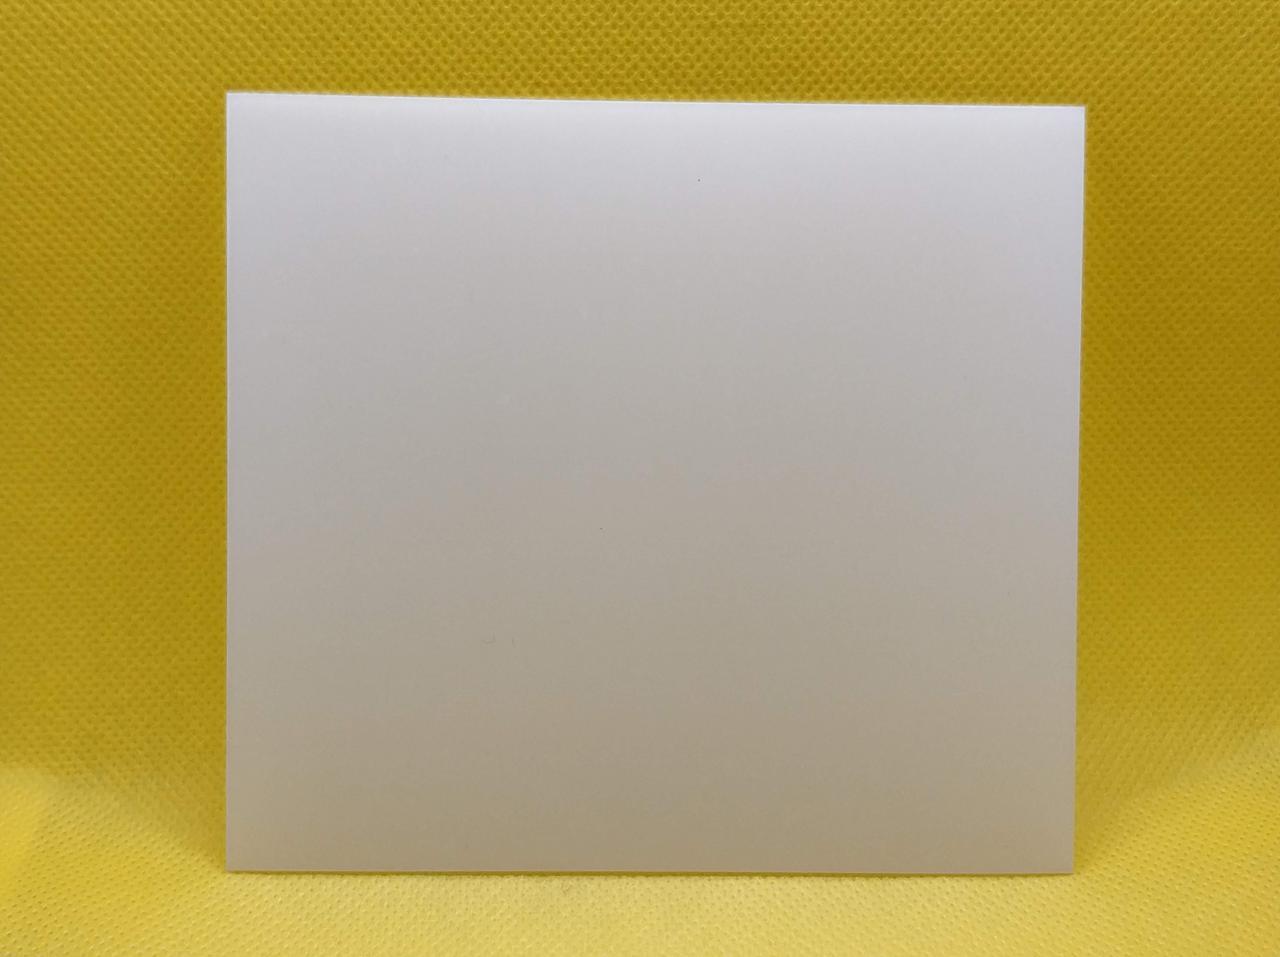 Стекло защитное, поликарбонатное (прозрачное, 107х118, 1,0мм) для Binzel